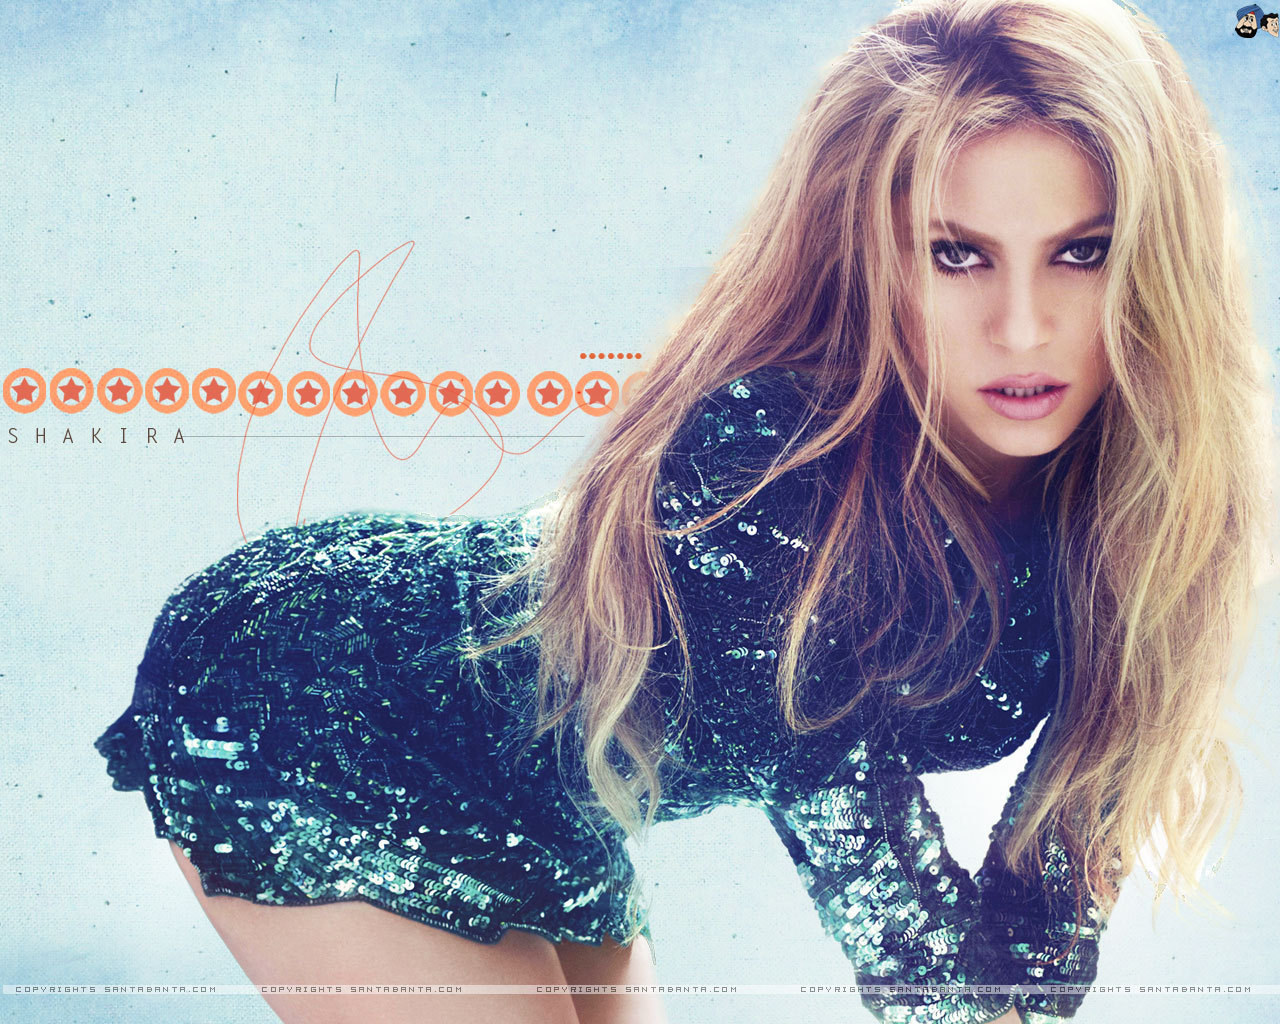 Shakira - Shakira Wallpaper (14652317) - Fanpop